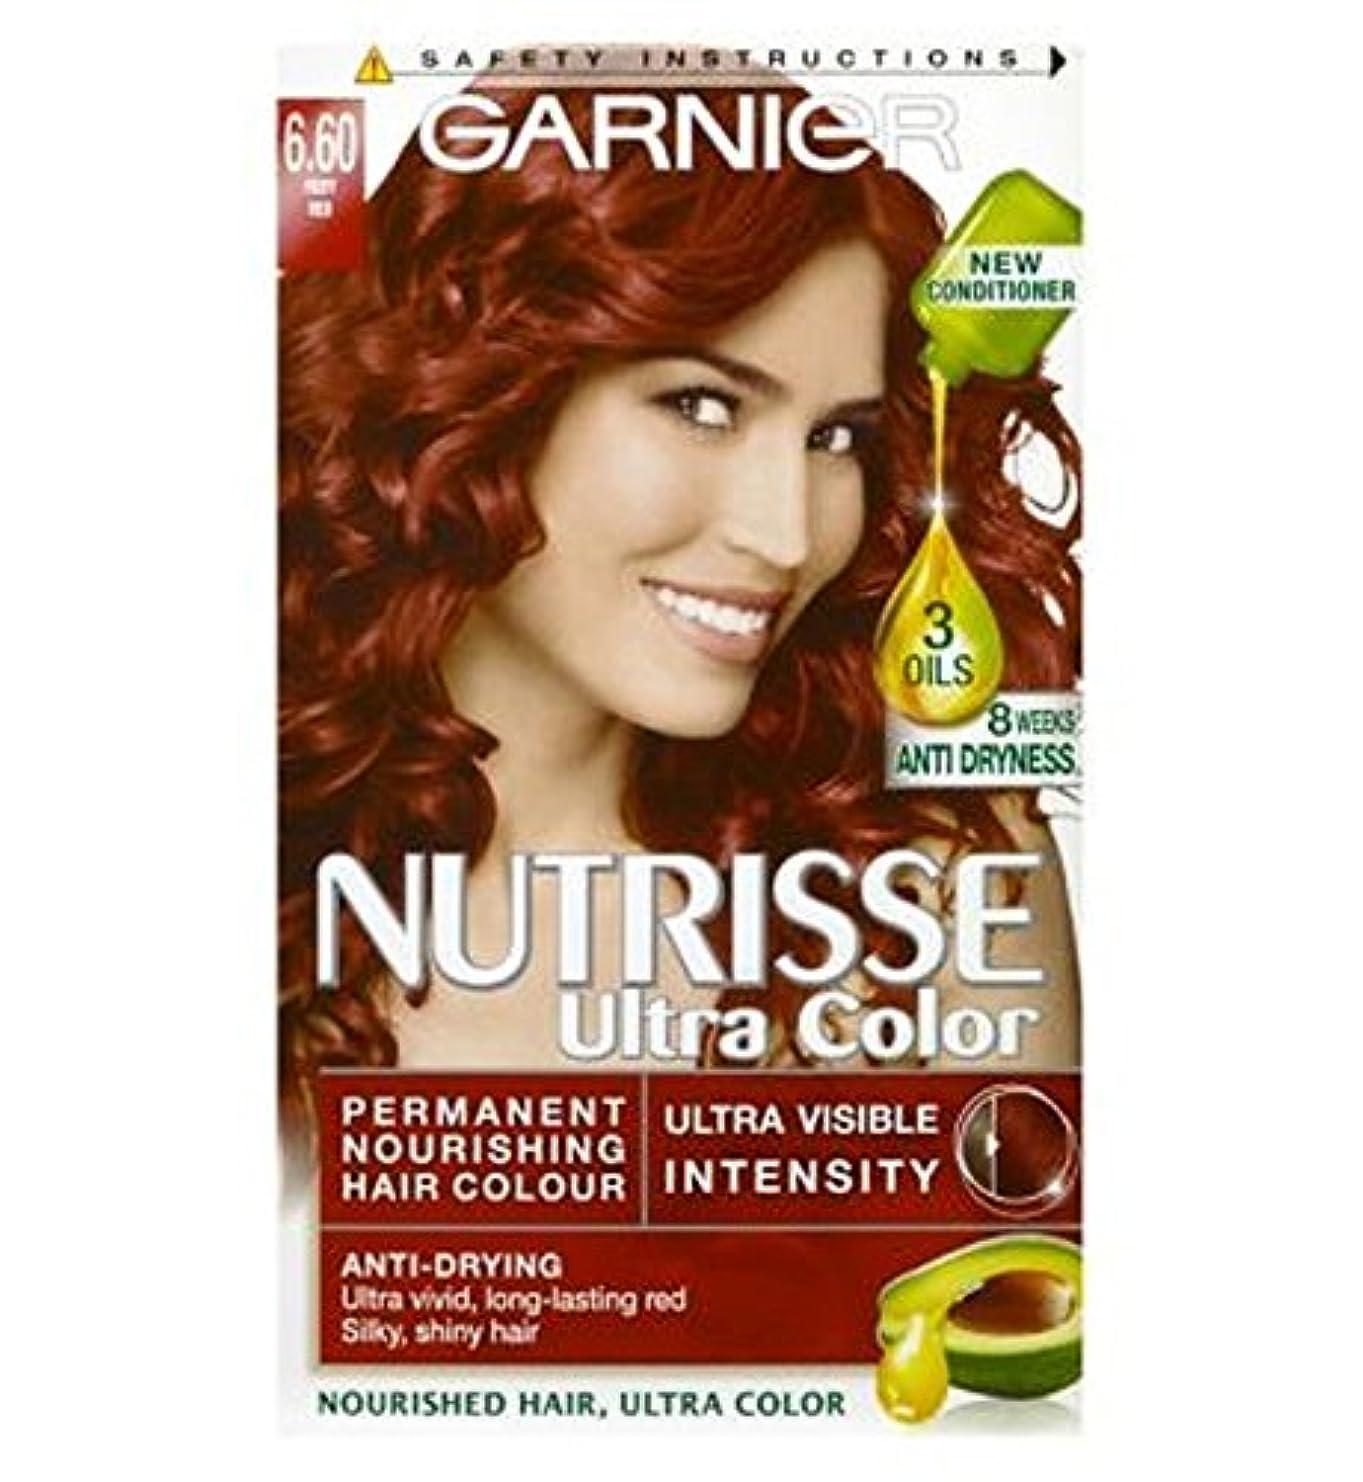 バリー明示的にオフガルニエNutrisse超永久色6.60燃えるような赤 (Garnier) (x2) - Garnier Nutrisse Ultra Permanent Colour 6.60 Fiery Red (Pack of 2) [並行輸入品]